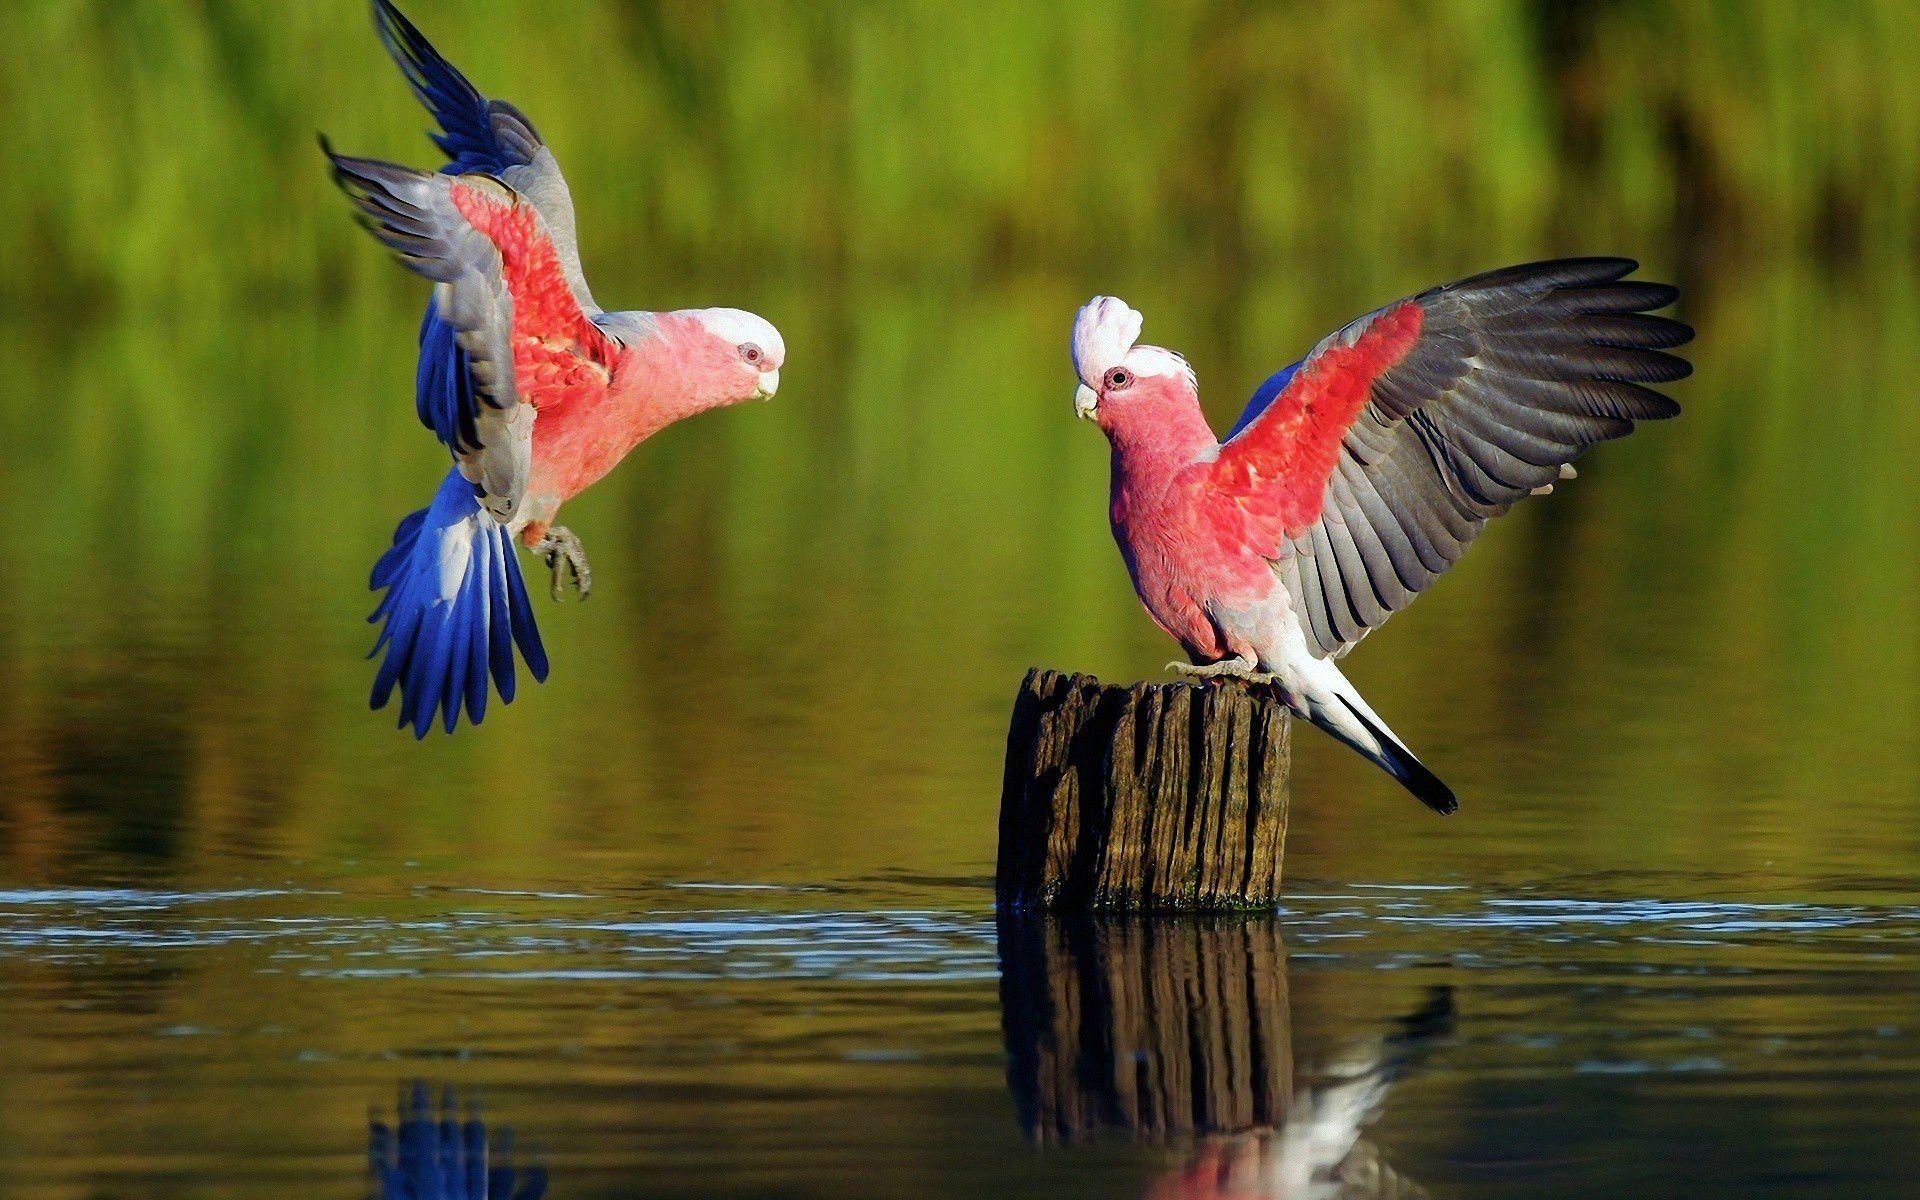 Parrot Bird Wallpapers Top Free Parrot Bird Backgrounds Wallpaperaccess